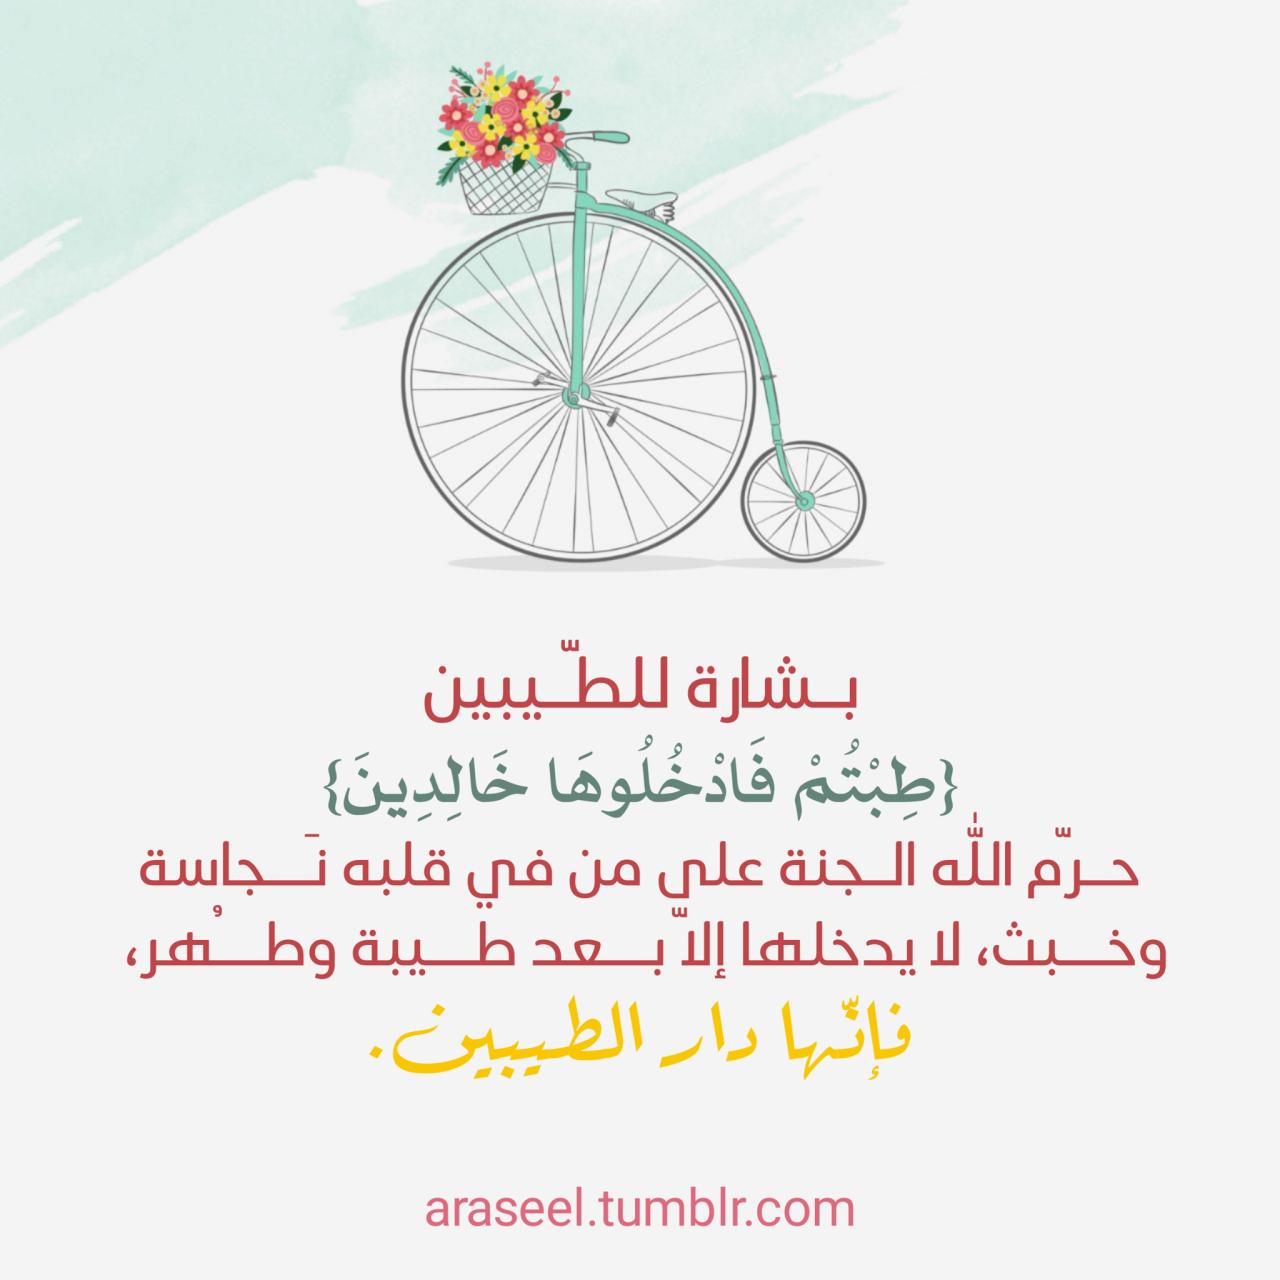 فريق أراسيل الدعوي Beautiful Arabic Words Islam Facts Words Quotes